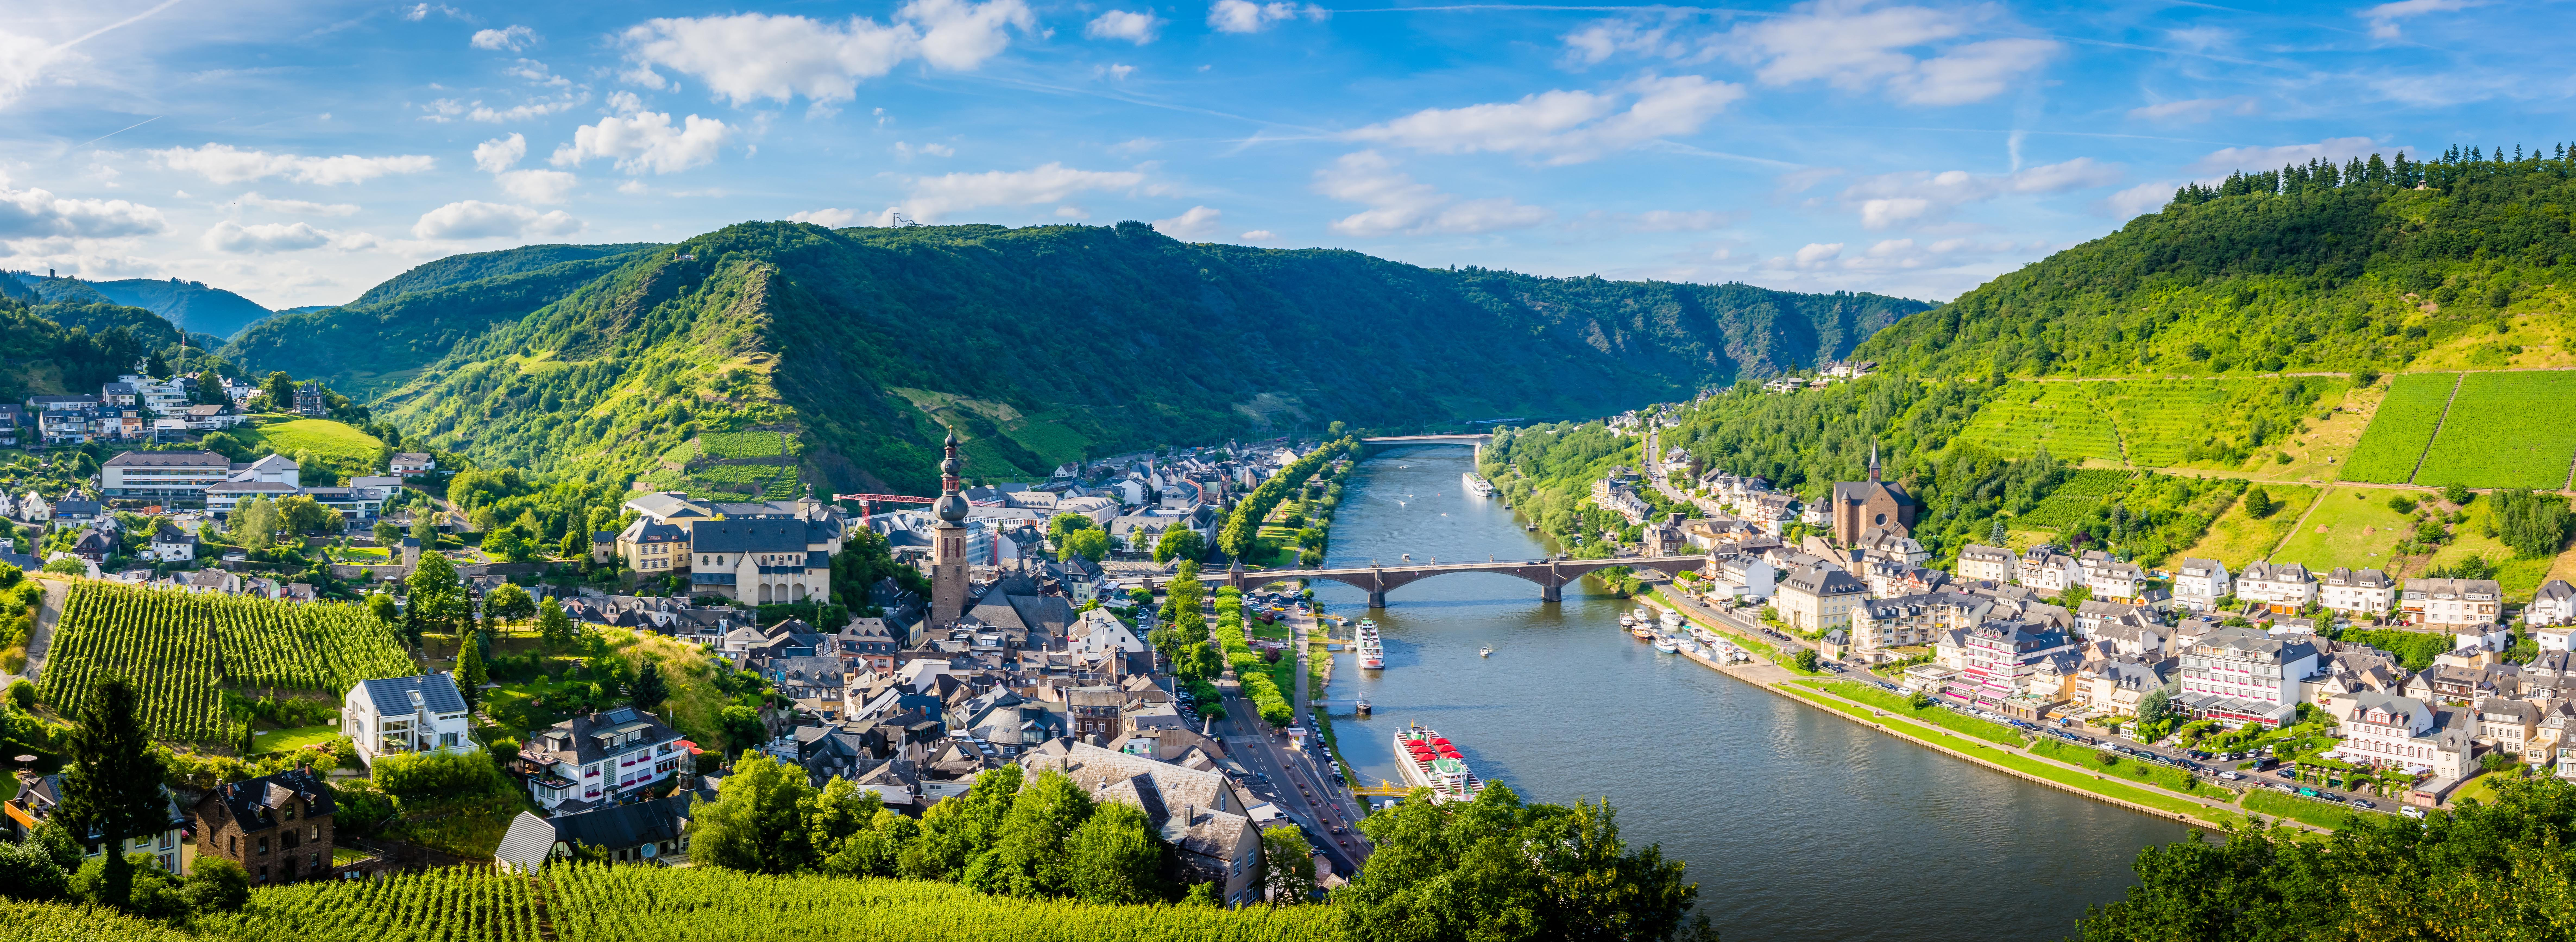 Krydstogt Pa Mosel Og Rhinen